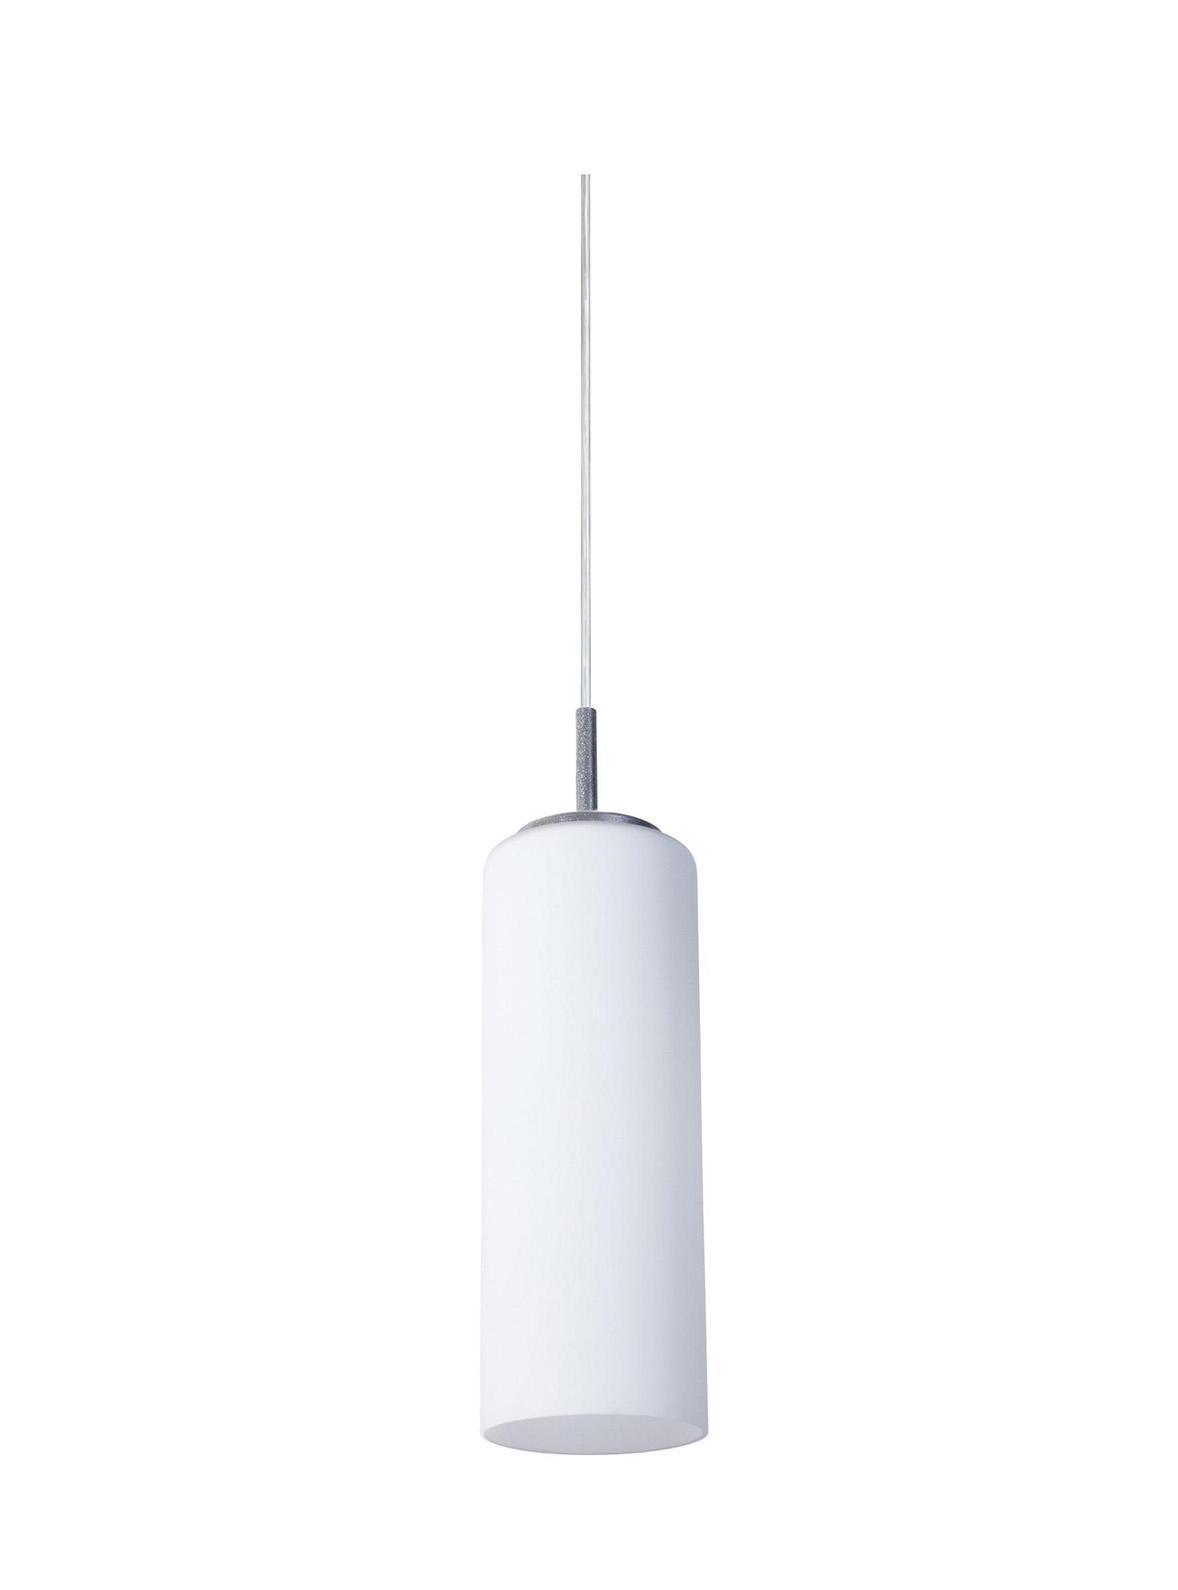 Светильник подвесной Arte lamp A6710sp-1wh